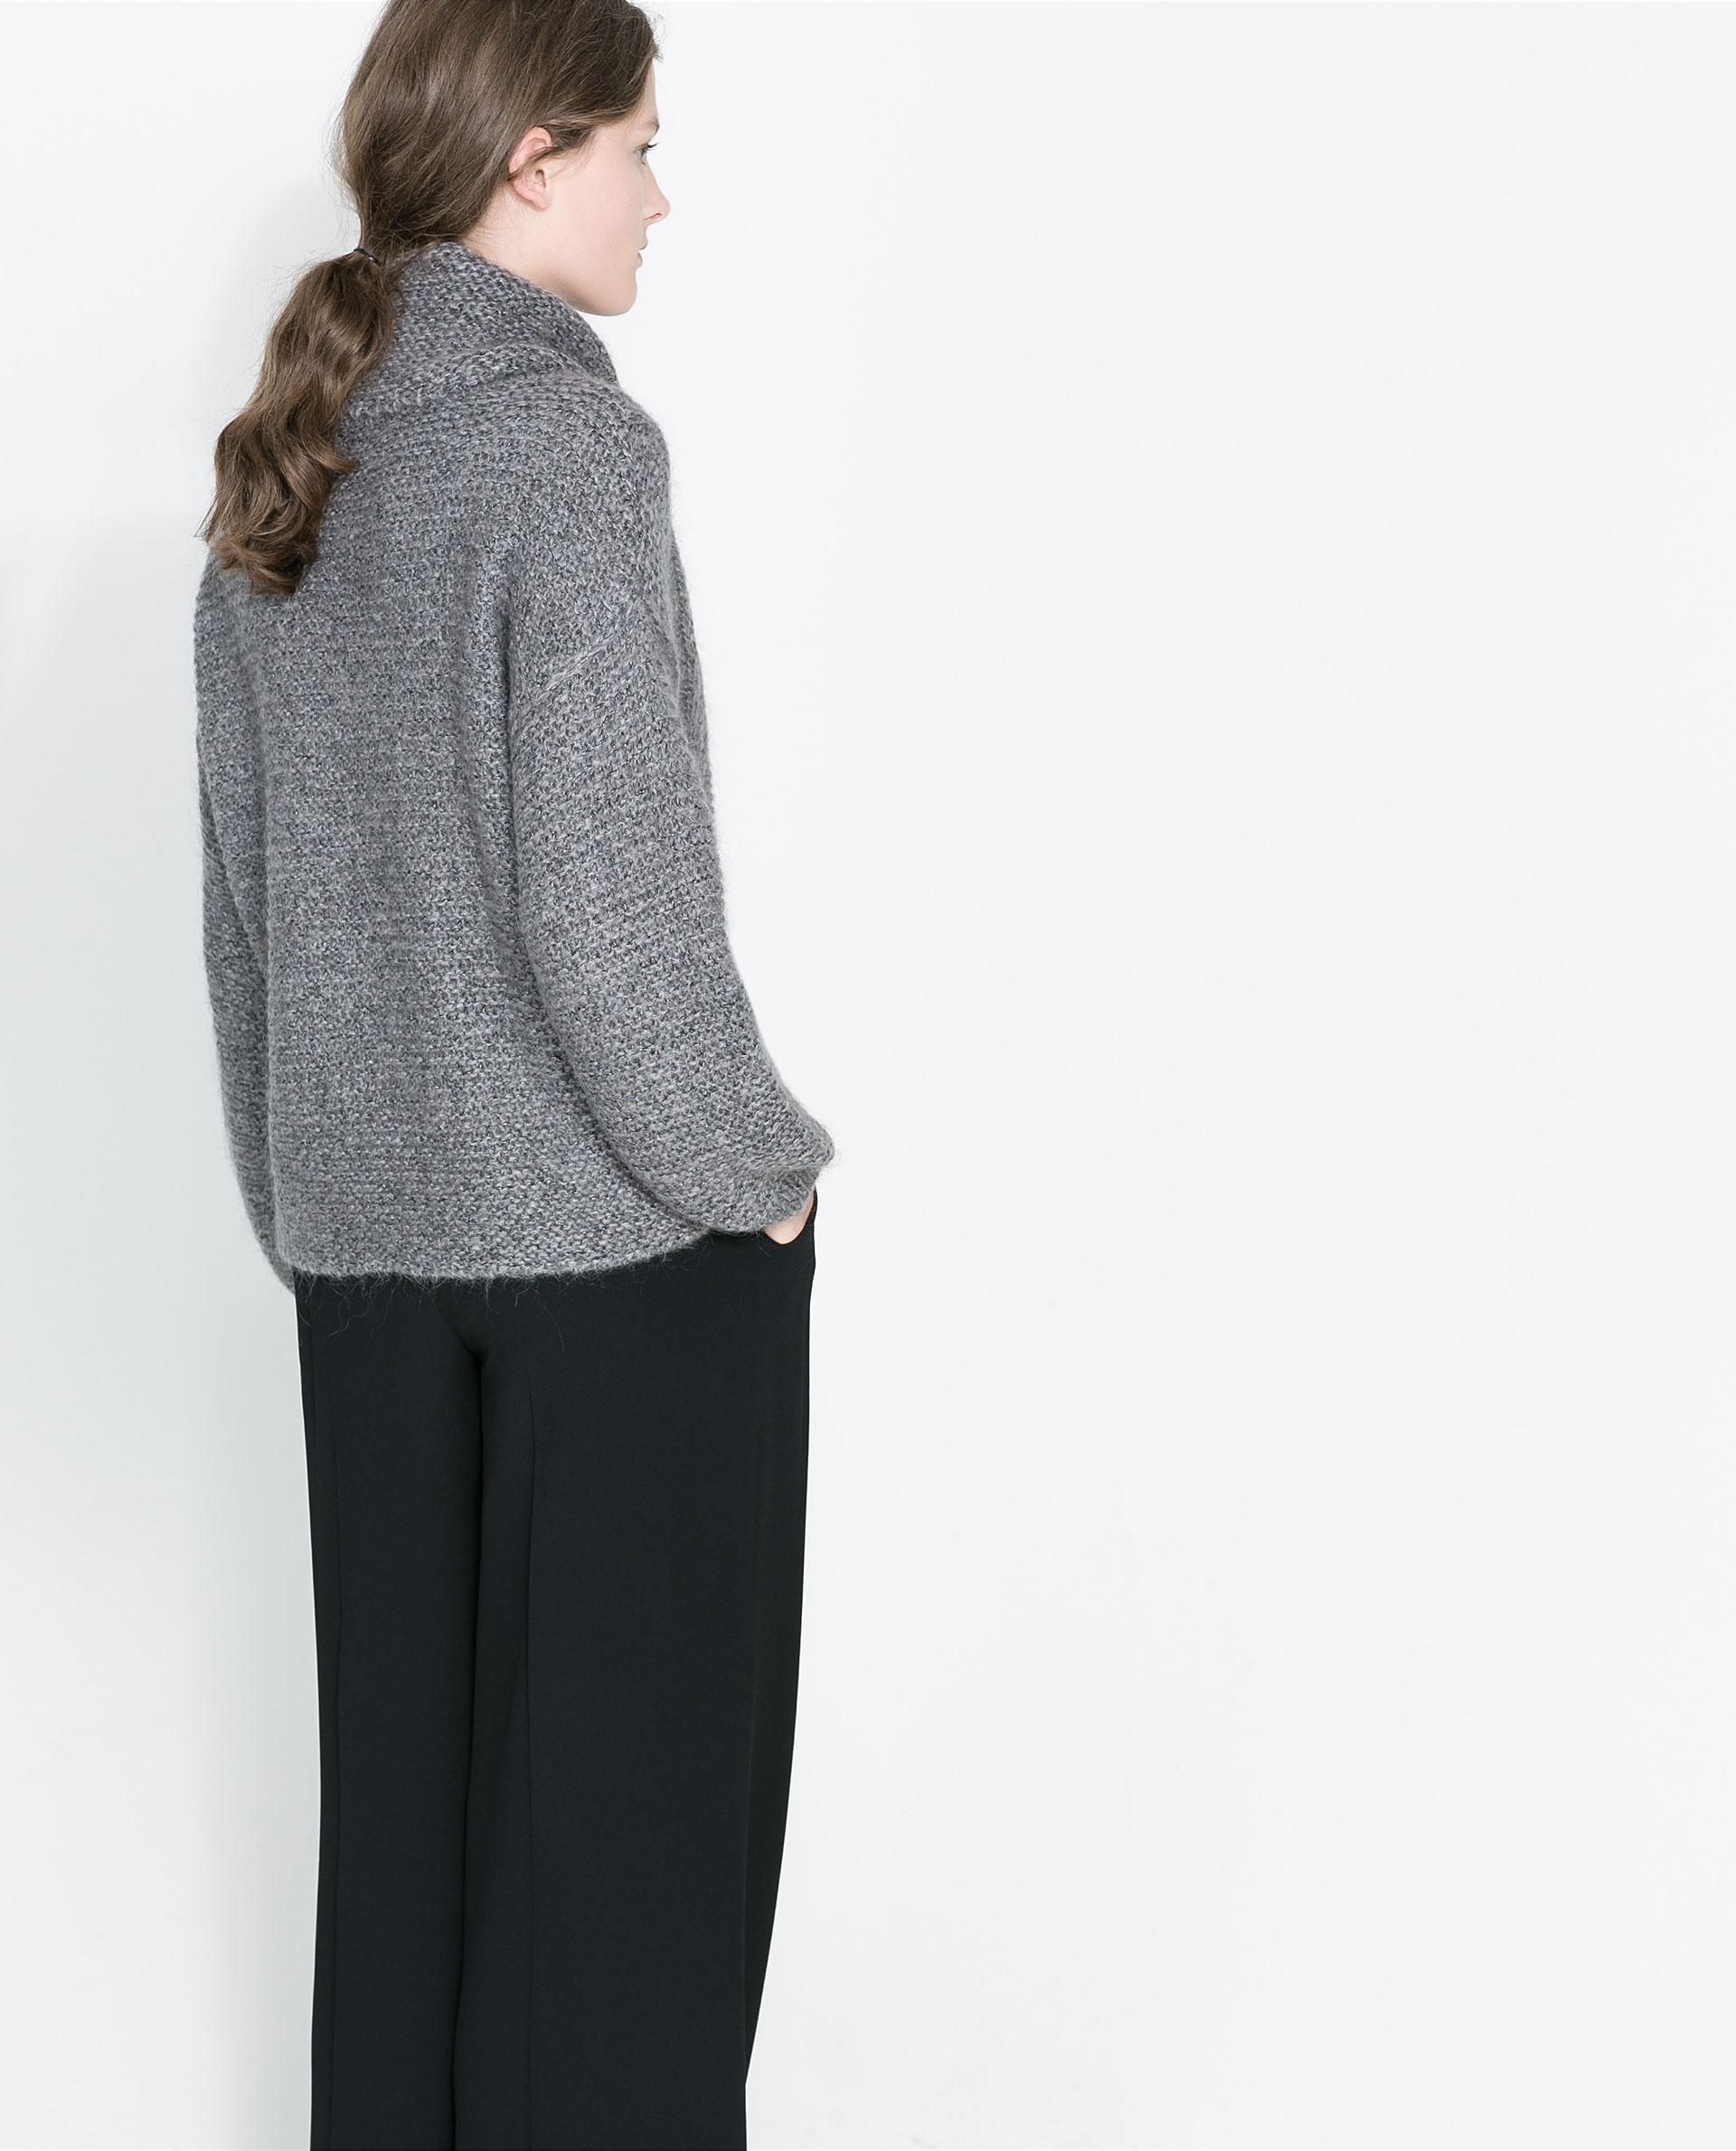 Zara Square Cut Sweater 40